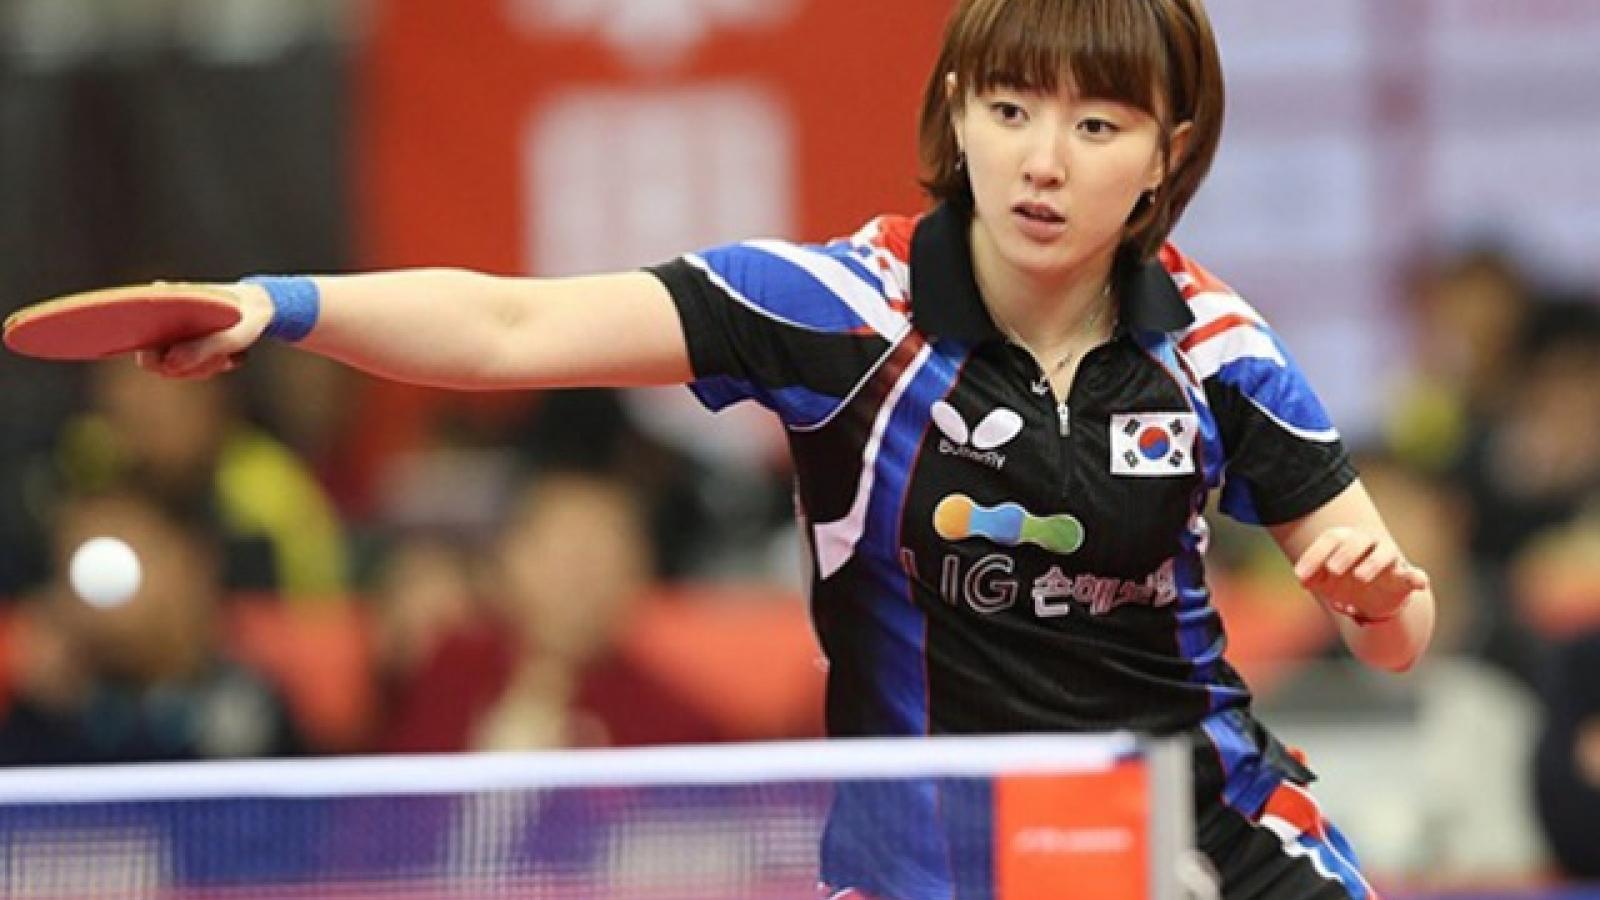 Gần 200 vận động viên Hàn Quốc giành quyền thi đấu tại Olympic Tokyo